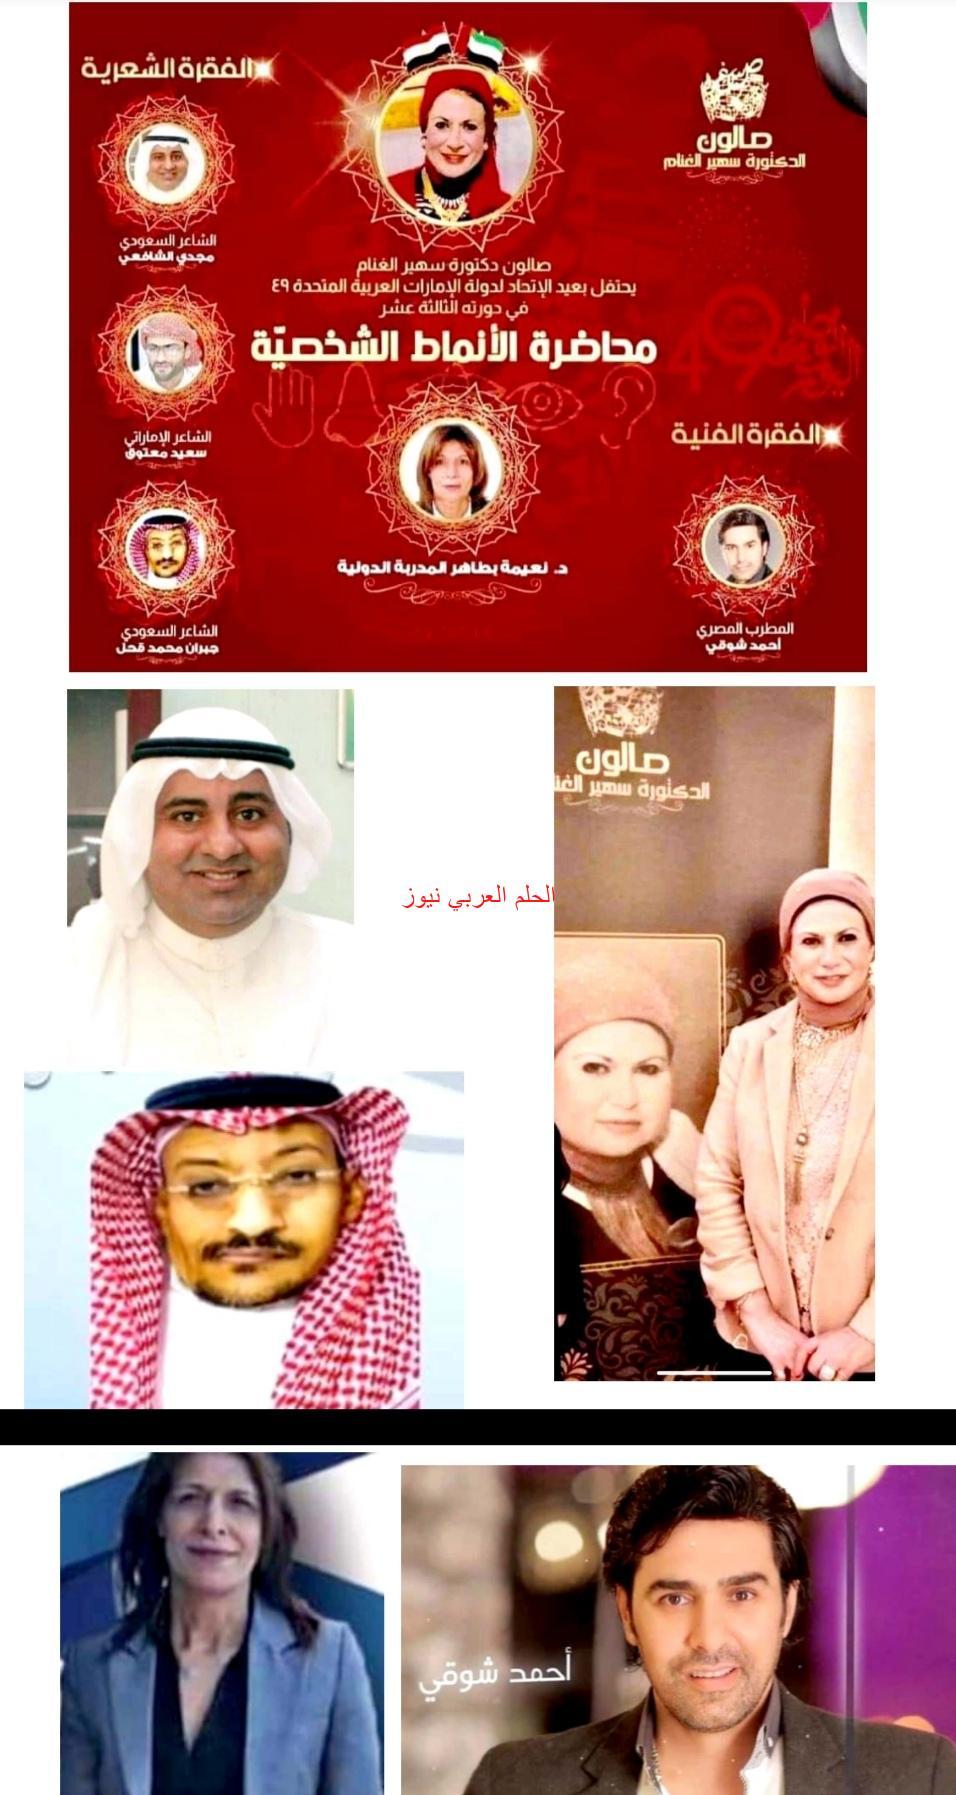 """""""صالون دكتورة سهير الغنام"""" يحتفل في دورته الثالثة عشر بعيد الإتحاد لدولة الإمارات العربية المتحدة 49."""